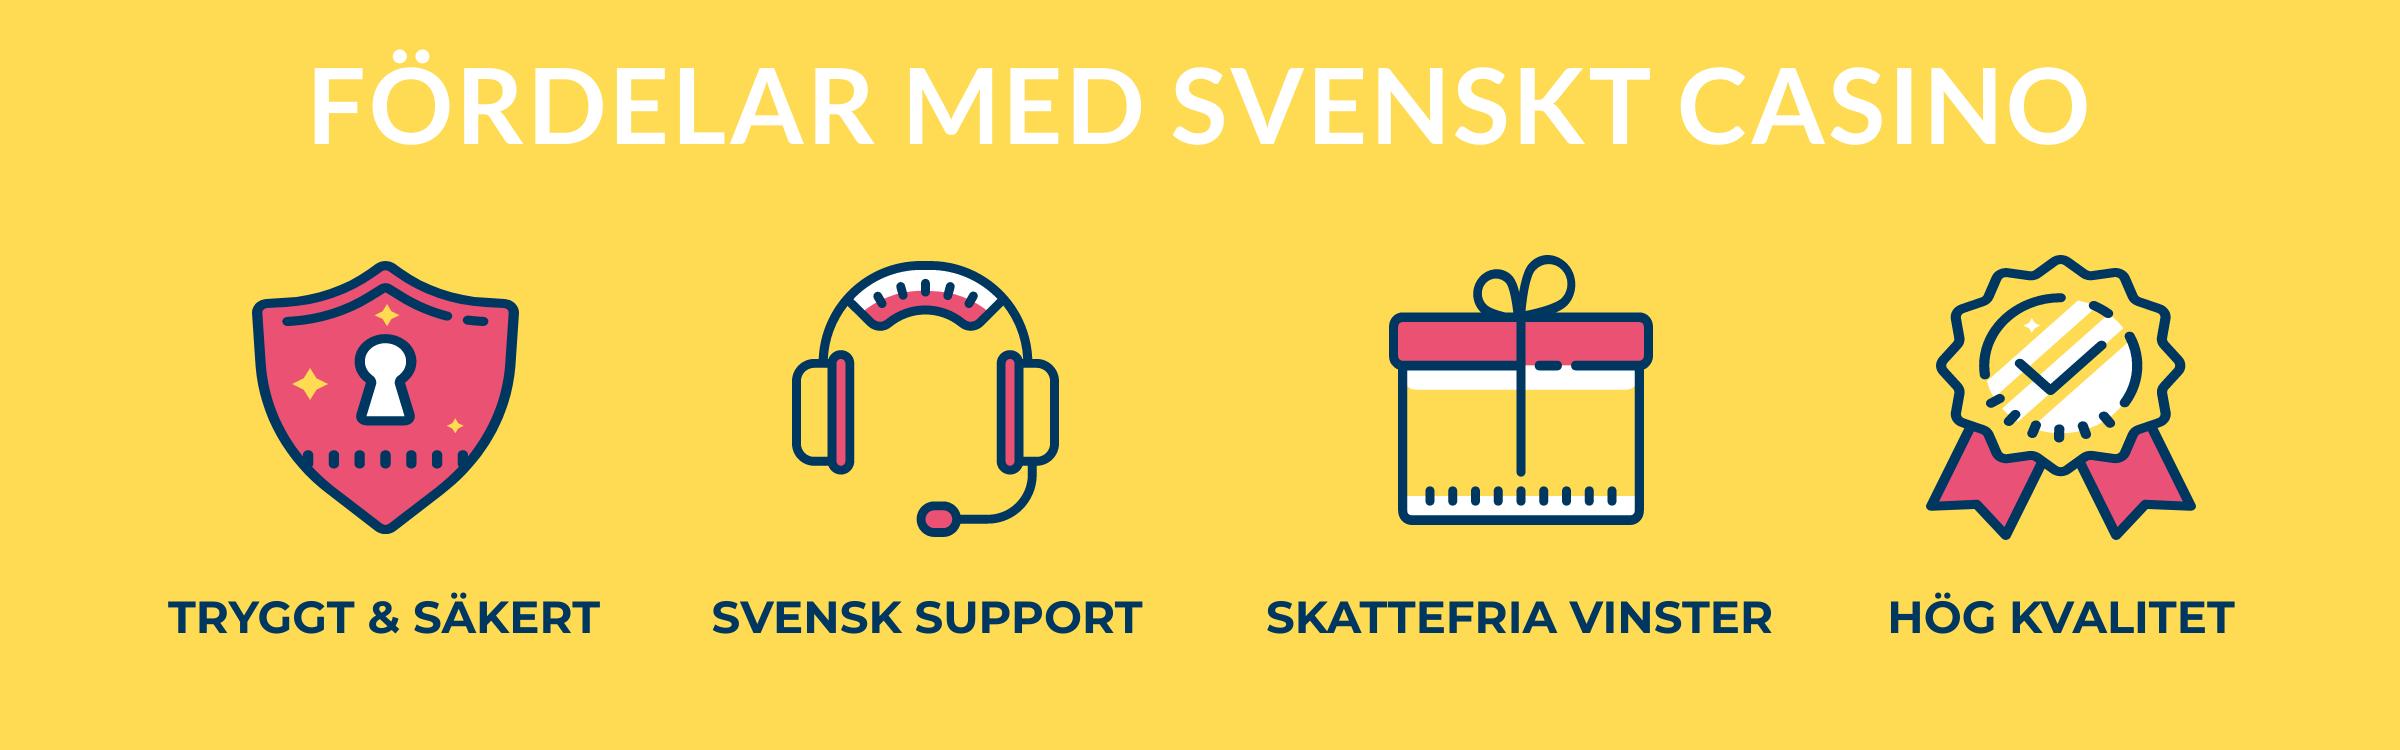 fordelar med svenska casinon lista casivo se